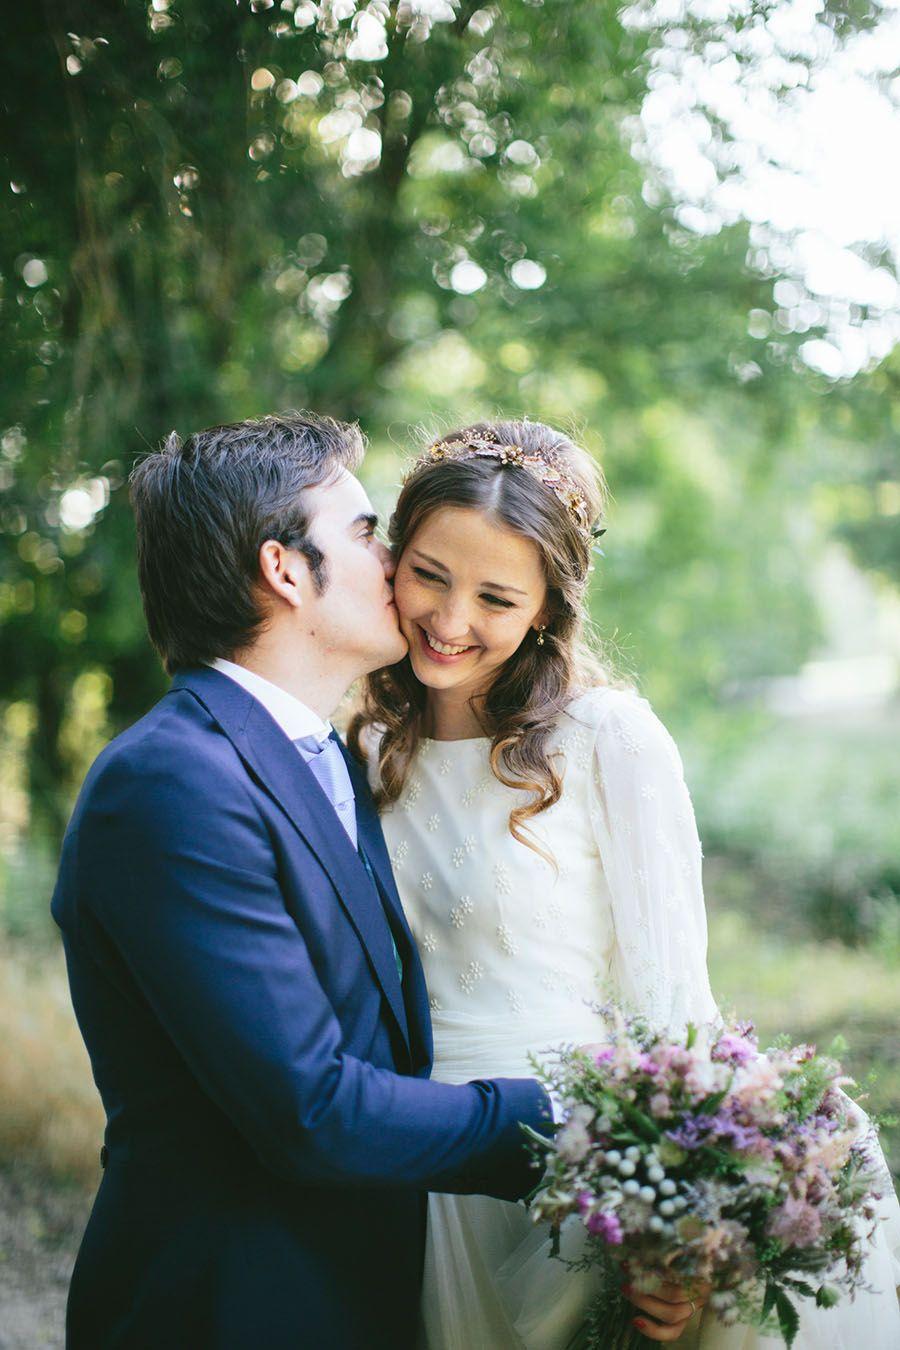 calista-one-lista-de-bodas-online-blog-de-bodas-inspiracion-bodas-m-16